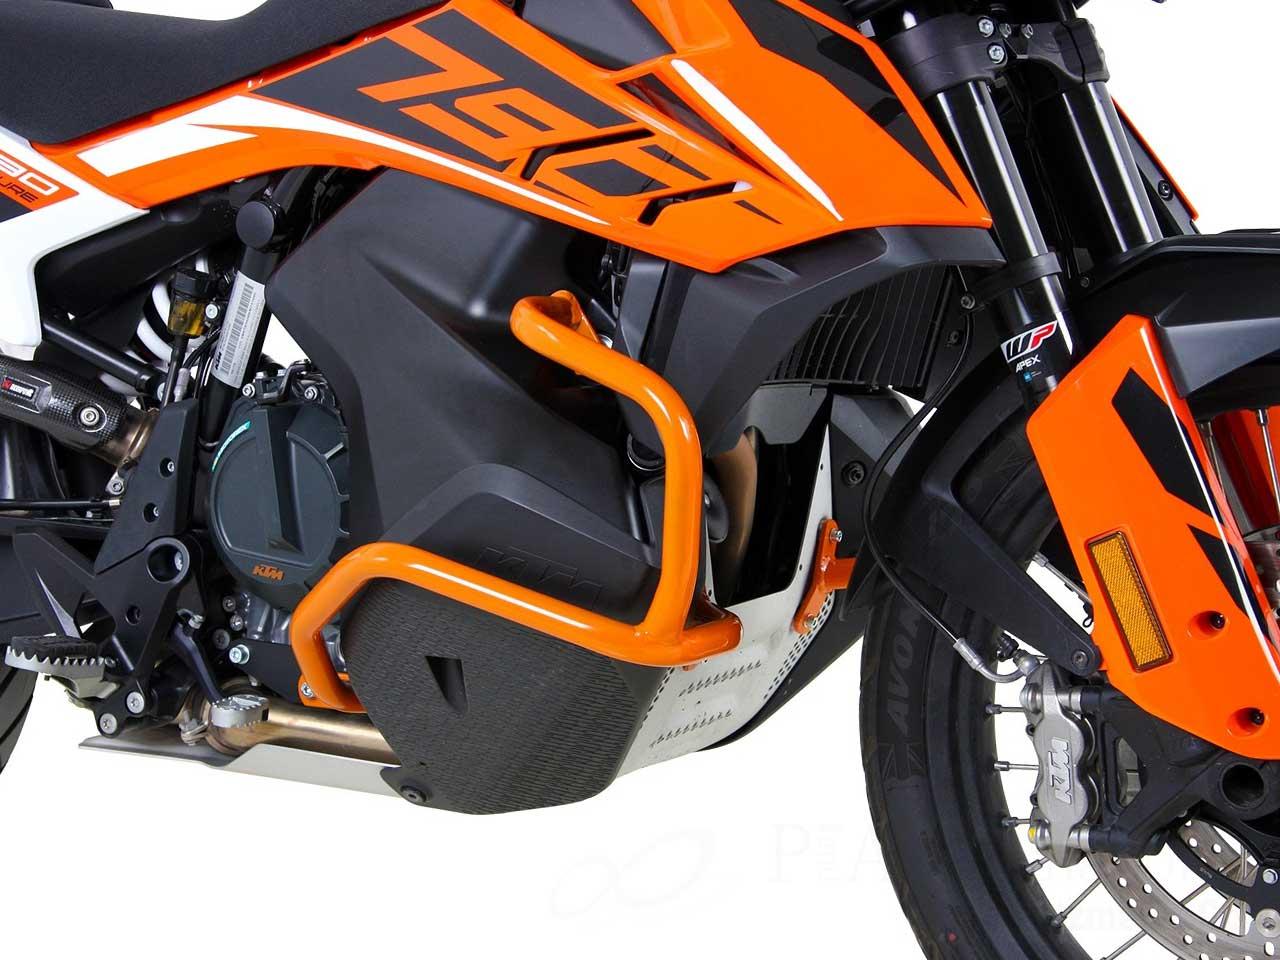 ヘプコ&ベッカー エンジンガード KTM 790 Adventure / 790 Adventure R